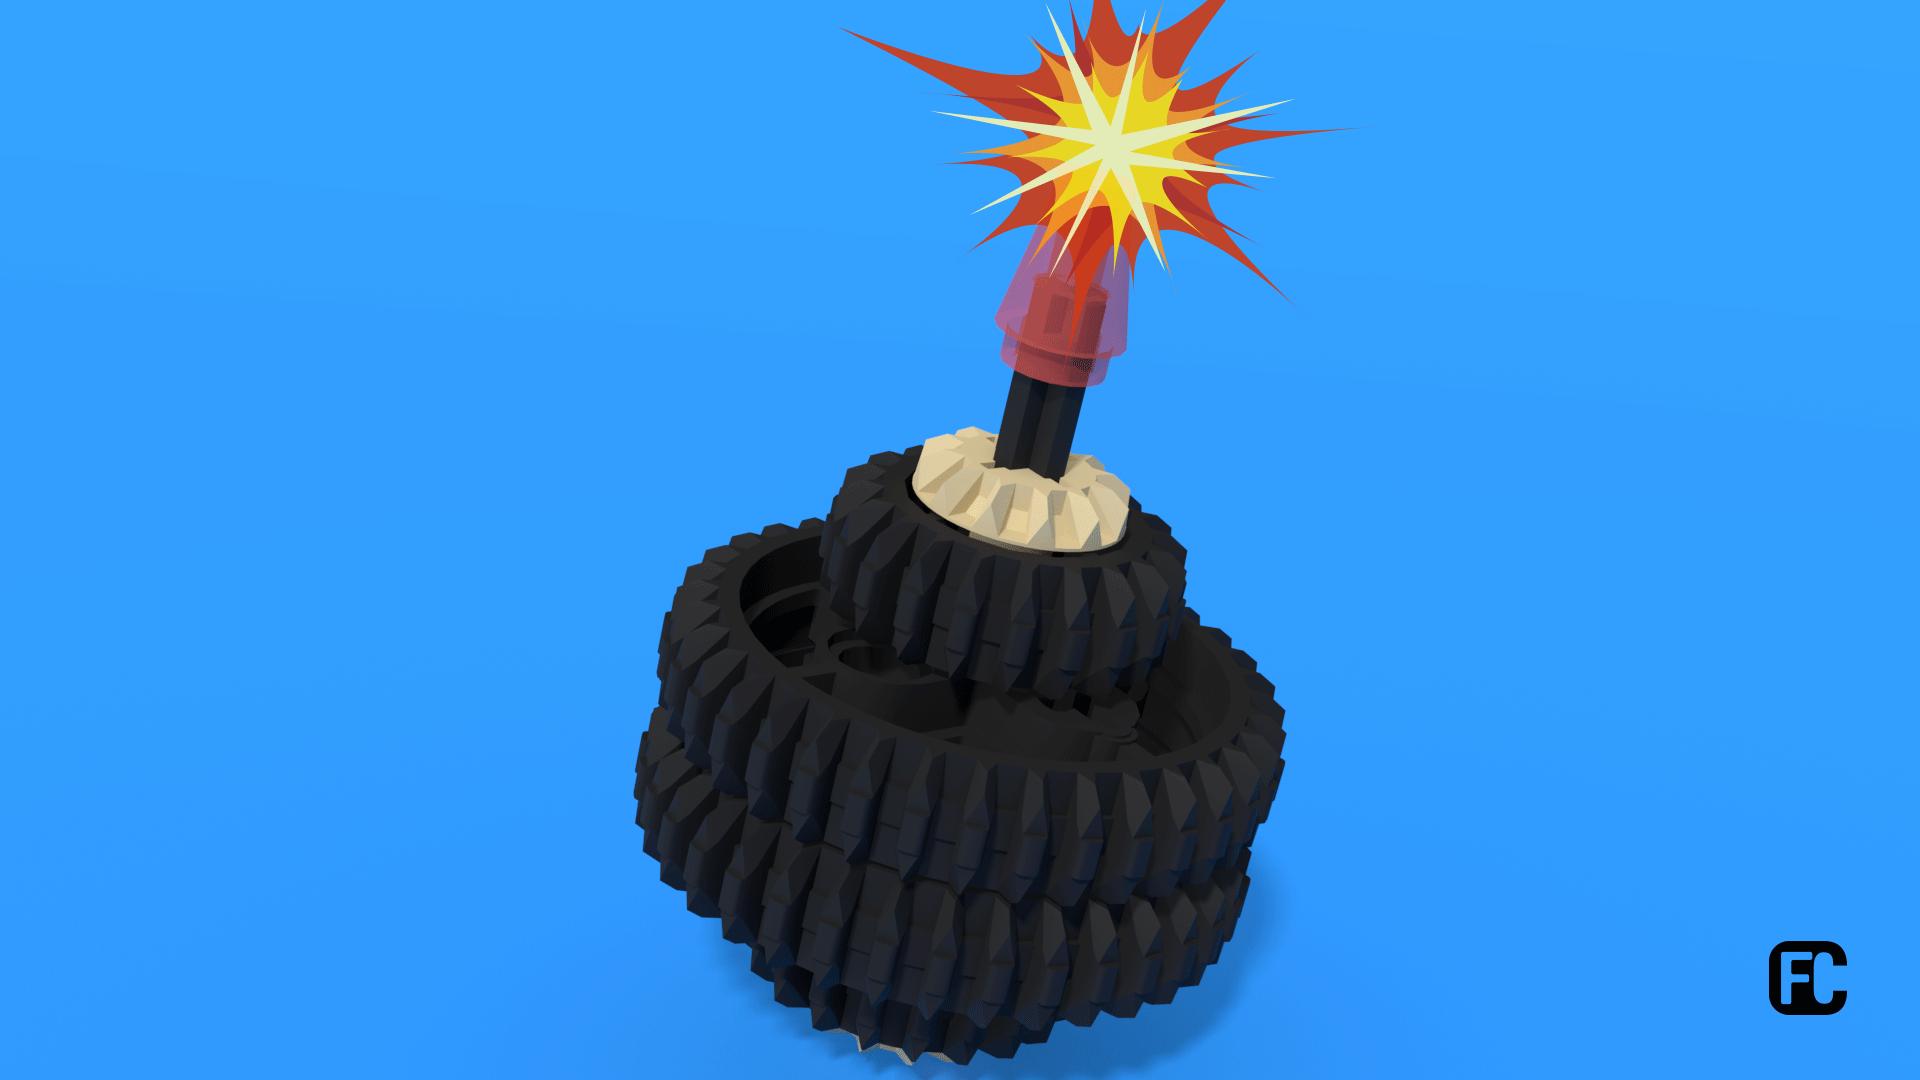 Lego Bomb